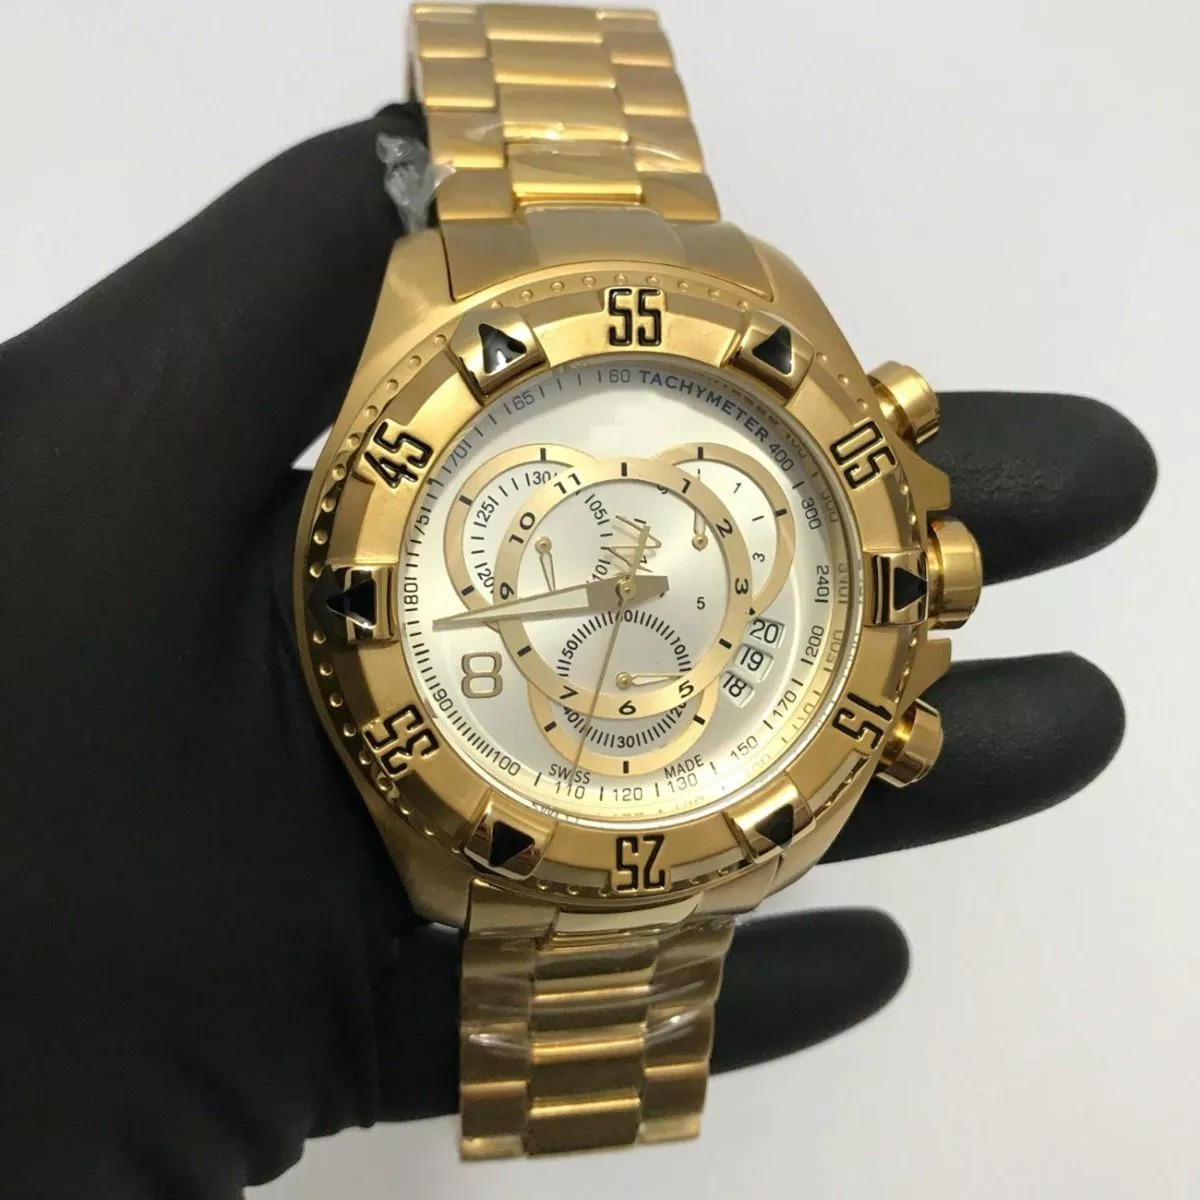 28b0c729d9637 Relógio Masculino Dourado Barato Pesado Melhor Frete Gratis - R  79 ...